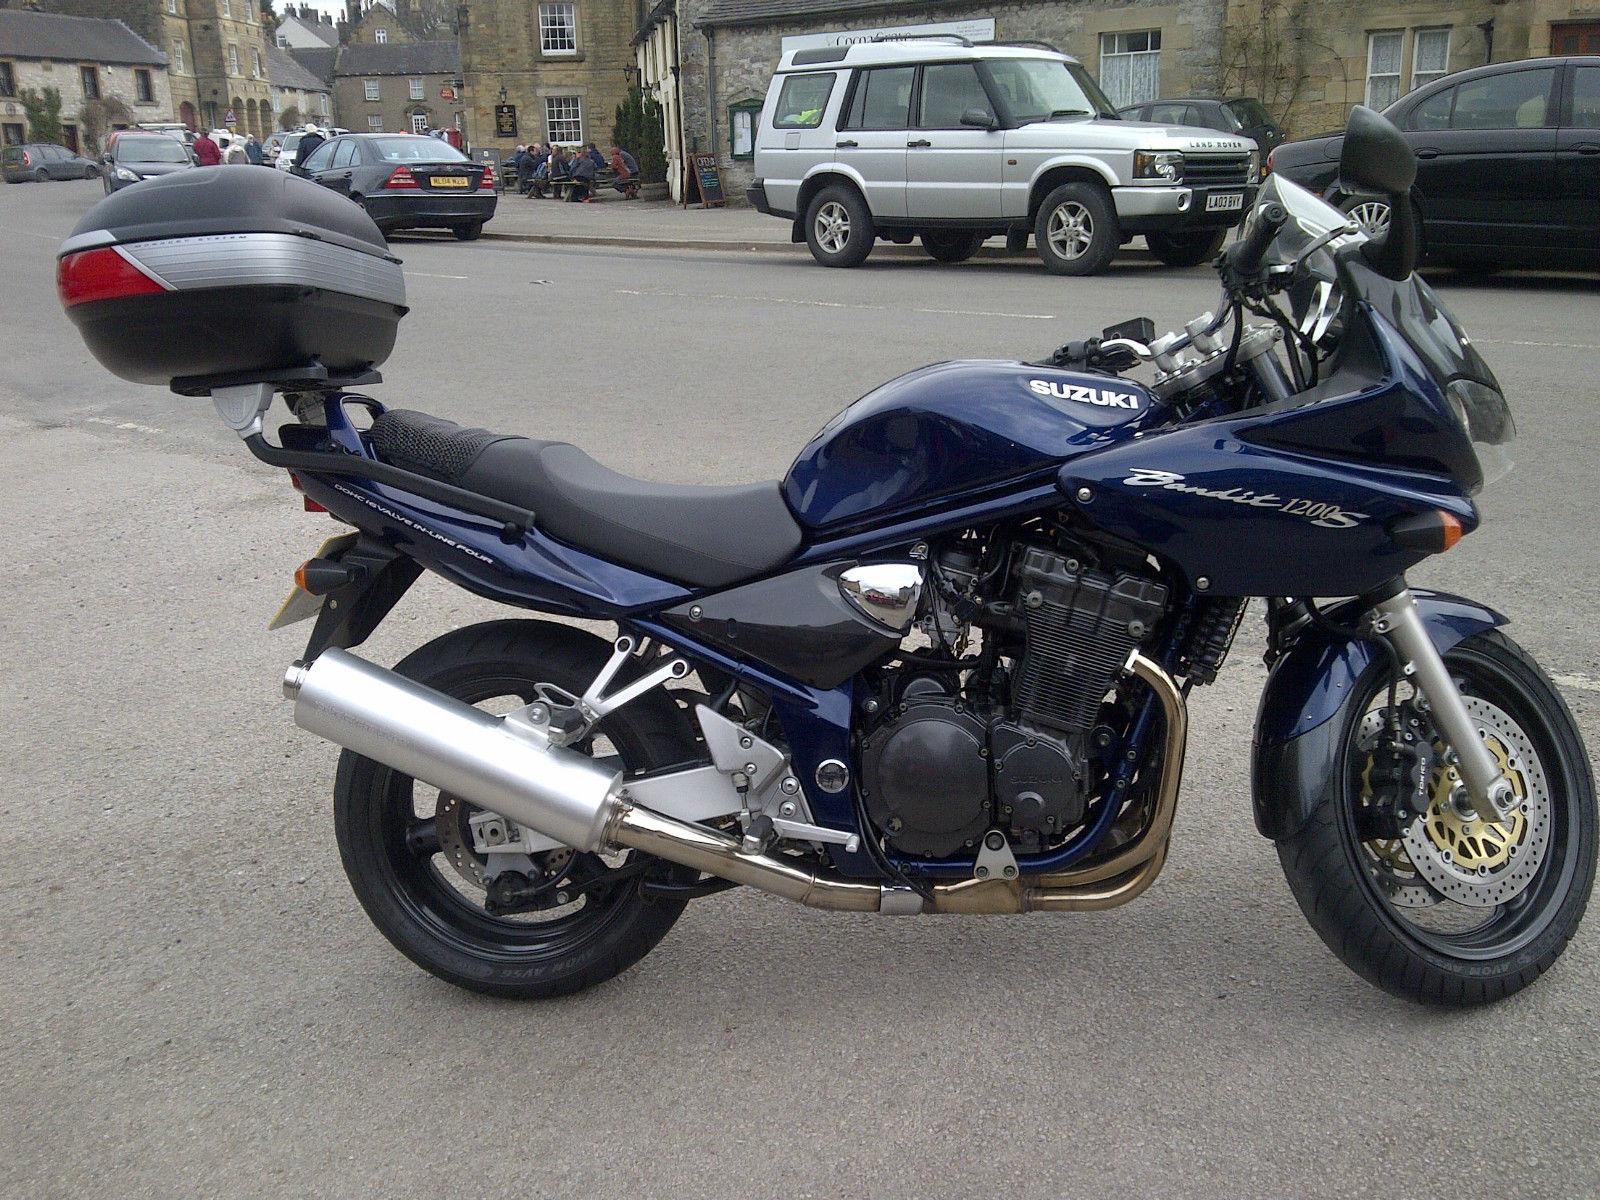 2001 Suzuki Gsf 1200 Sk1 Blue